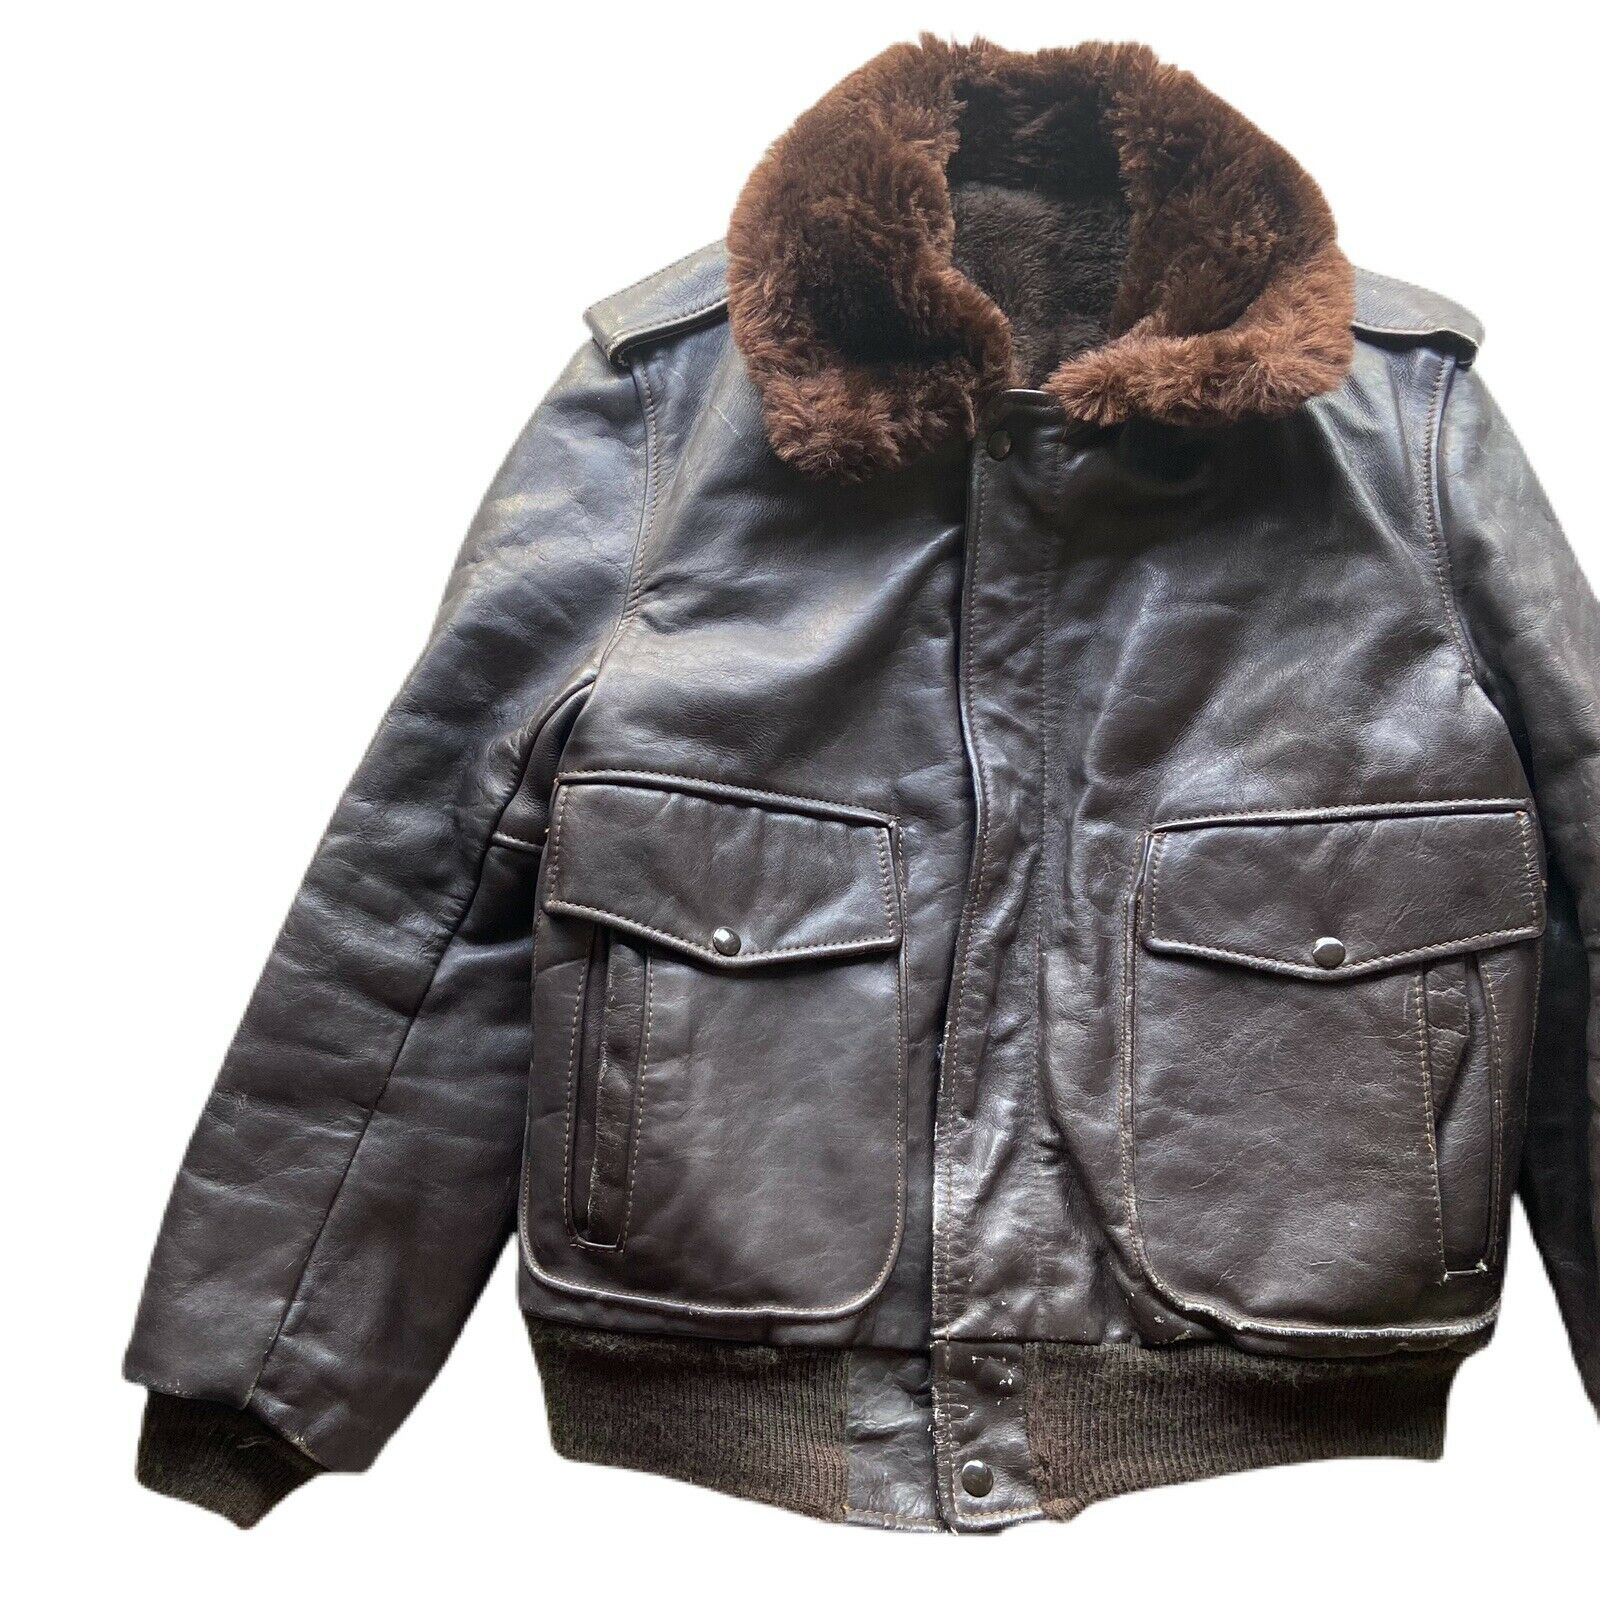 Vintage 60's G-1 Leather Bomber Flight Fur Jacket - image 3